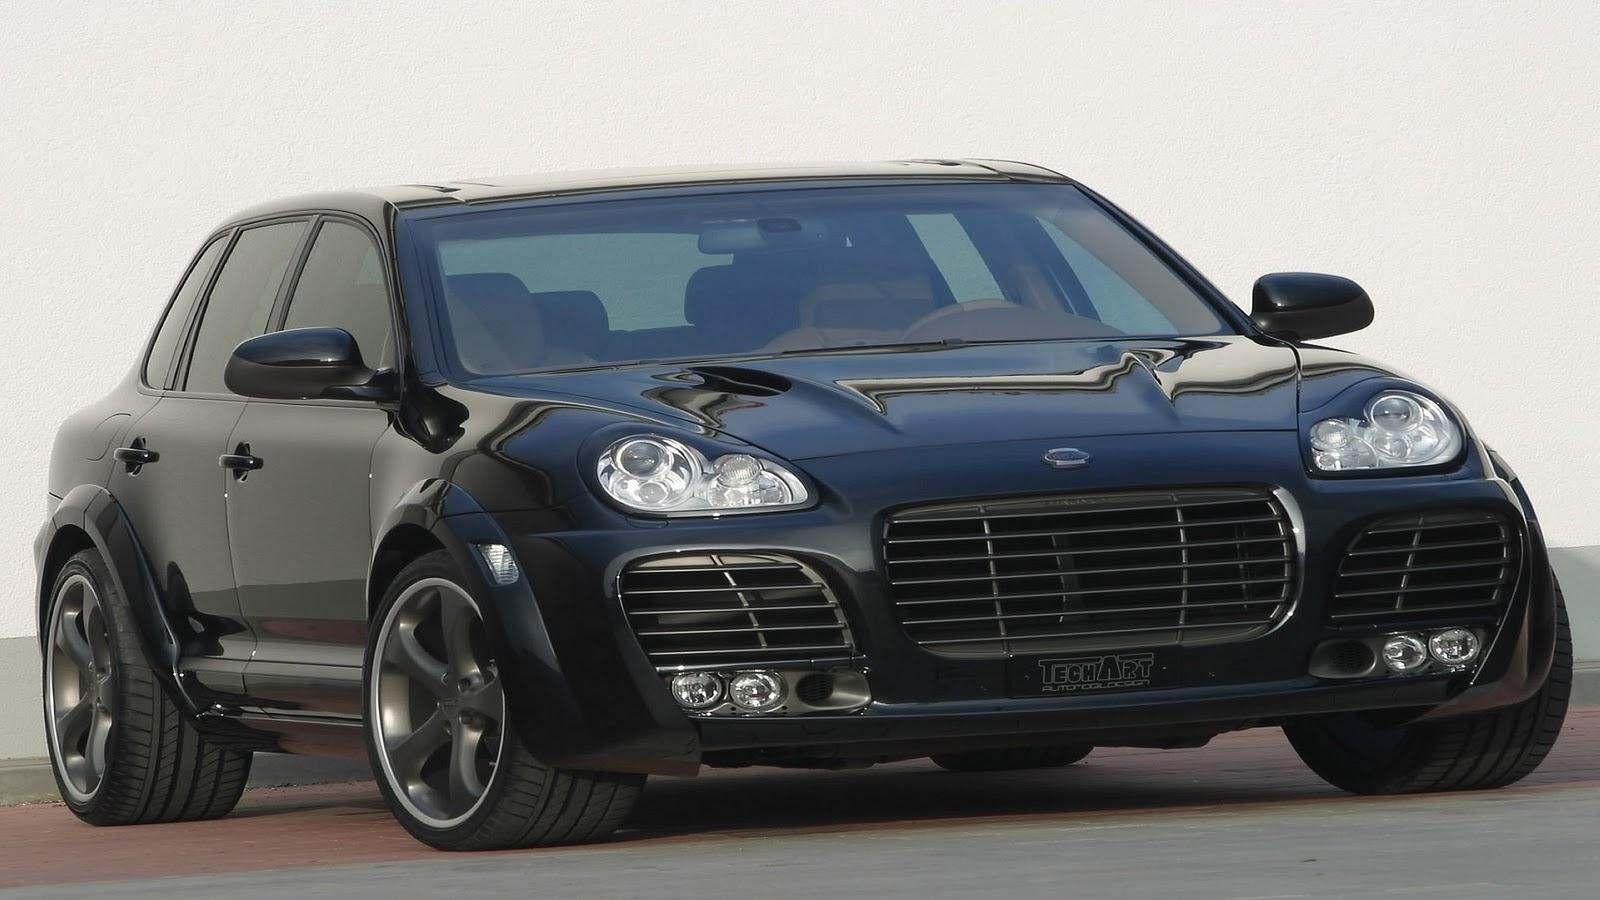 Black Porsche Car Cars Gallery